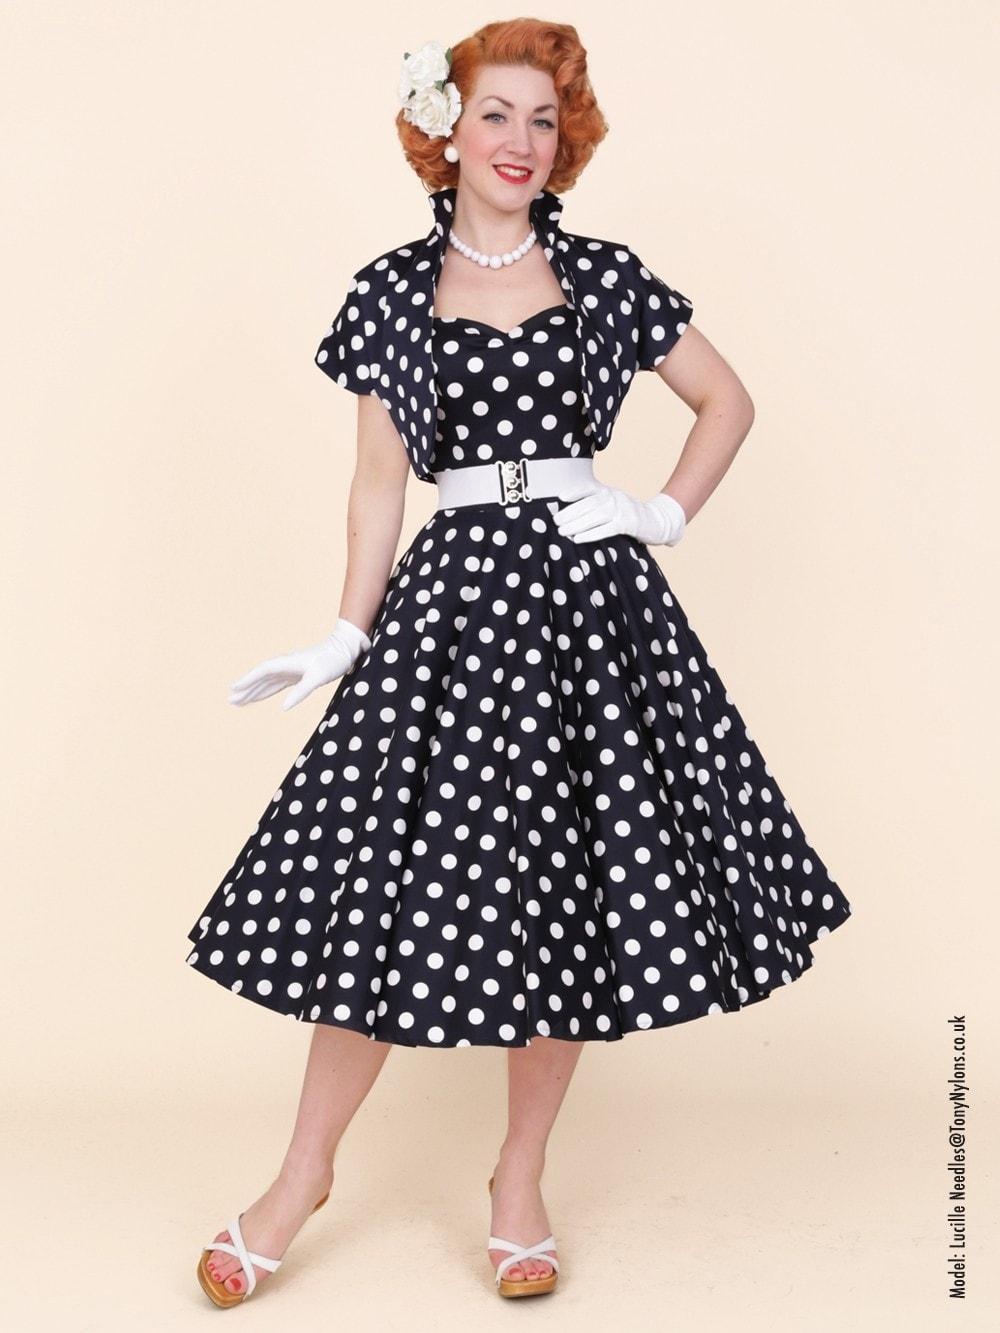 1950s Halterneck Navy Polkadot Dress from Vivien of Holloway